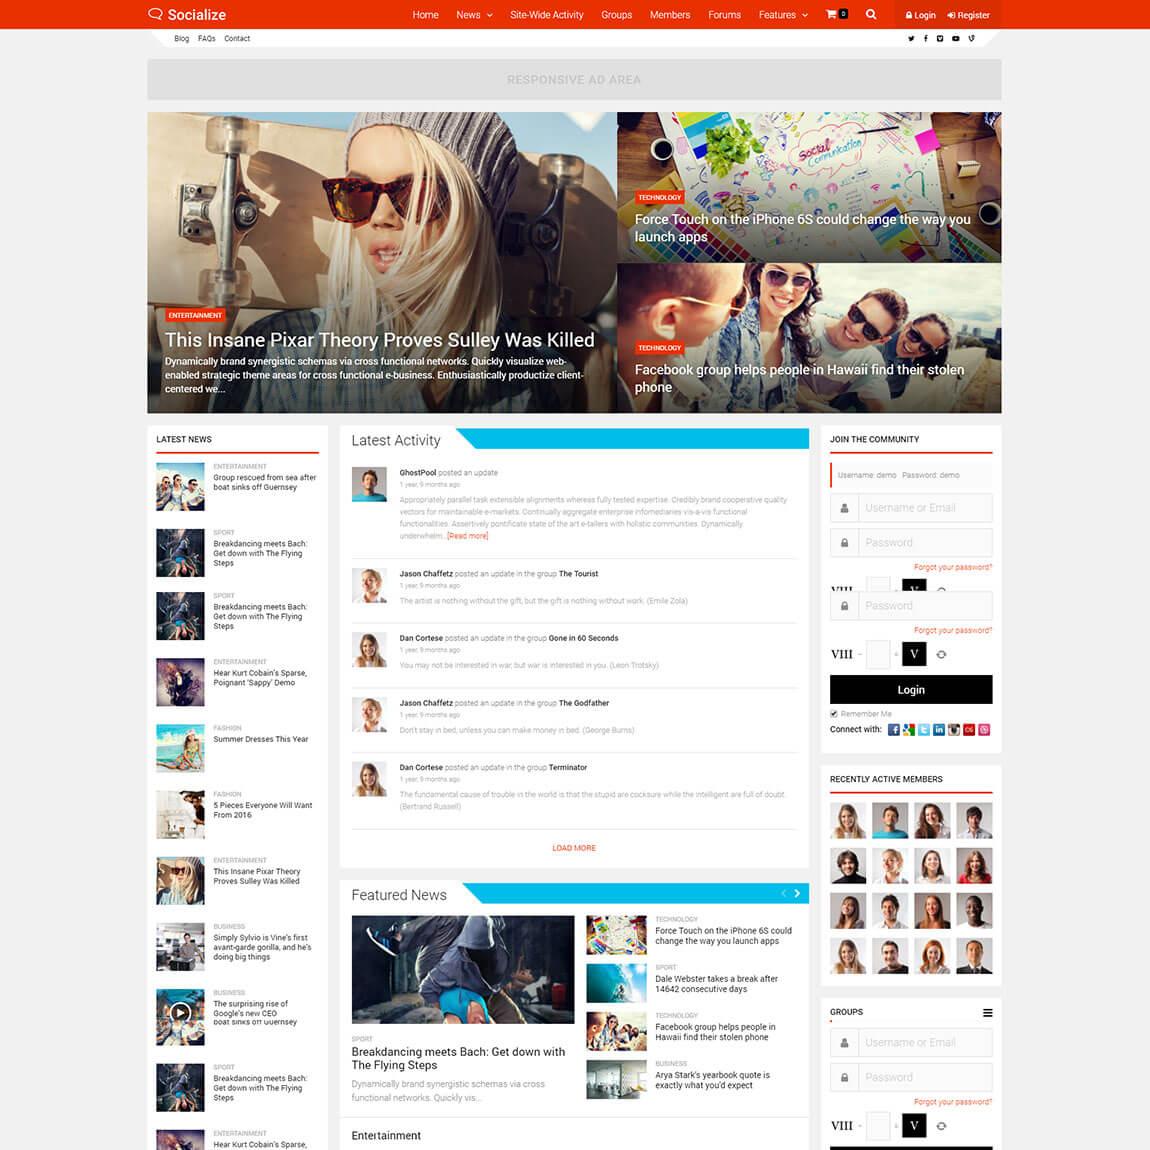 """socialize-wordpress-community-buddypress-theme """"width ="""" 1150 """"height ="""" 1150 """"srcset ="""" https://themegrill.com/blog/wp-content/uploads/2017/07/socialize-wordpress-community-buddypress -theme.jpg 1150w, https://themegrill.com/blog/wp-content/uploads/2017/07/socialize-wordpress-community-buddypress-theme-150x150.jpg 150w, https://themegrill.com/blog /wp-content/uploads/2017/07/socialize-wordpress-community-buddypress-theme-300x300.jpg 300w, https://themegrill.com/blog/wp-content/uploads/2017/07/socialize-wordpress- community-buddypress-theme-768x768.jpg 768w, https://themegrill.com/blog/wp-content/uploads/2017/07/socialize-wordpress-community-buddypress-theme-1024x1024.jpg 1024w, https: // themegrill.com/blog/wp-content/uploads/2017/07/socialize-wordpress-community-buddypress-theme-185x185.jpg 185w, https://themegrill.com/blog/wp-content/uploads/2017/07 /socialize-wordpress-community-buddypress-theme-310x310.jpg 310w, https://themegrill.com/blog/wp-content/uploads/2017/07/socialize-wordpress-commun ity-buddypress-theme-230x230.jpg 230w, https://themegrill.com/blog/wp-content/uploads/2017/07/socialize-wordpress-community-buddypress-theme-365x365.jpg 365w """"tamaños ="""" ( ancho máx .: 1150px) 100vw, 1150px """"></p> <p><strong>Socializar</strong> es multipropósito <strong>Tema BuddyPress para WordPress</strong>. Construido con una integración perfecta con BuddyPress y bbPress, puede crear un sitio completo de red social o sitio web de la comunidad utilizando el tema Socializar. Como su nombre indica, el tema pretende ayudar a las personas a ser más sociales y mantenerse conectadas en una red. El tema es rico en funciones y fácil de usar para que tanto los principiantes como los webmasters puedan crear sitios profesionales utilizando esto. El tema viene con cuatro diseños de página de inicio, nueve diseños de categoría y 6 diseños de publicaciones para elegir. Además, es compatible con el potente plugin de creación de páginas Visual Composer, que le permite crear cualquier ti"""